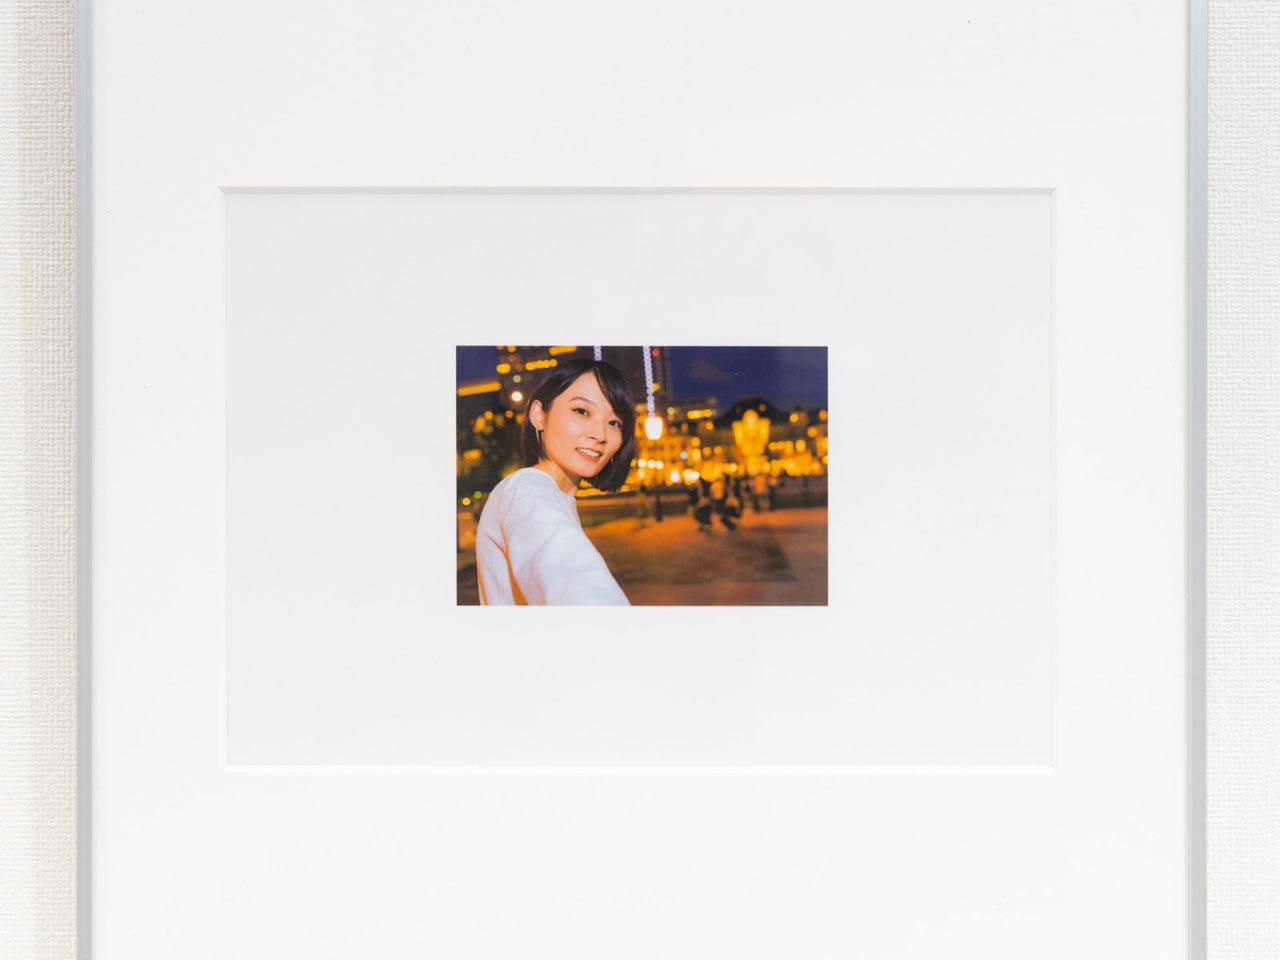 Photo Widgetアプリの使い方&やり方は?複数のウィジェットを設定するには?のサムネイル画像